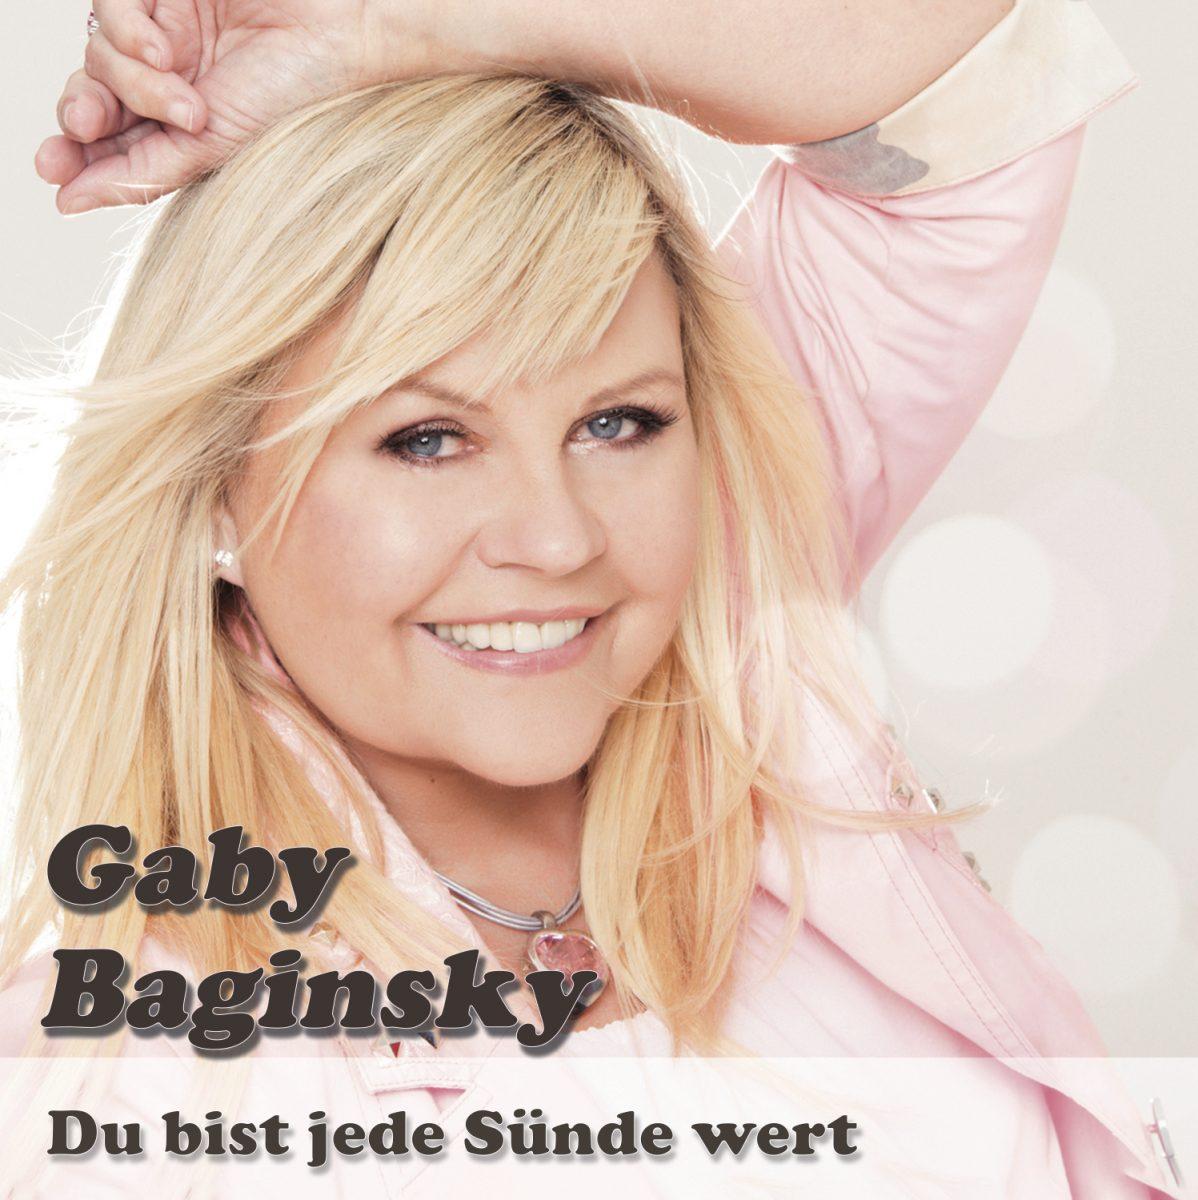 Gaby Baginsky 2020